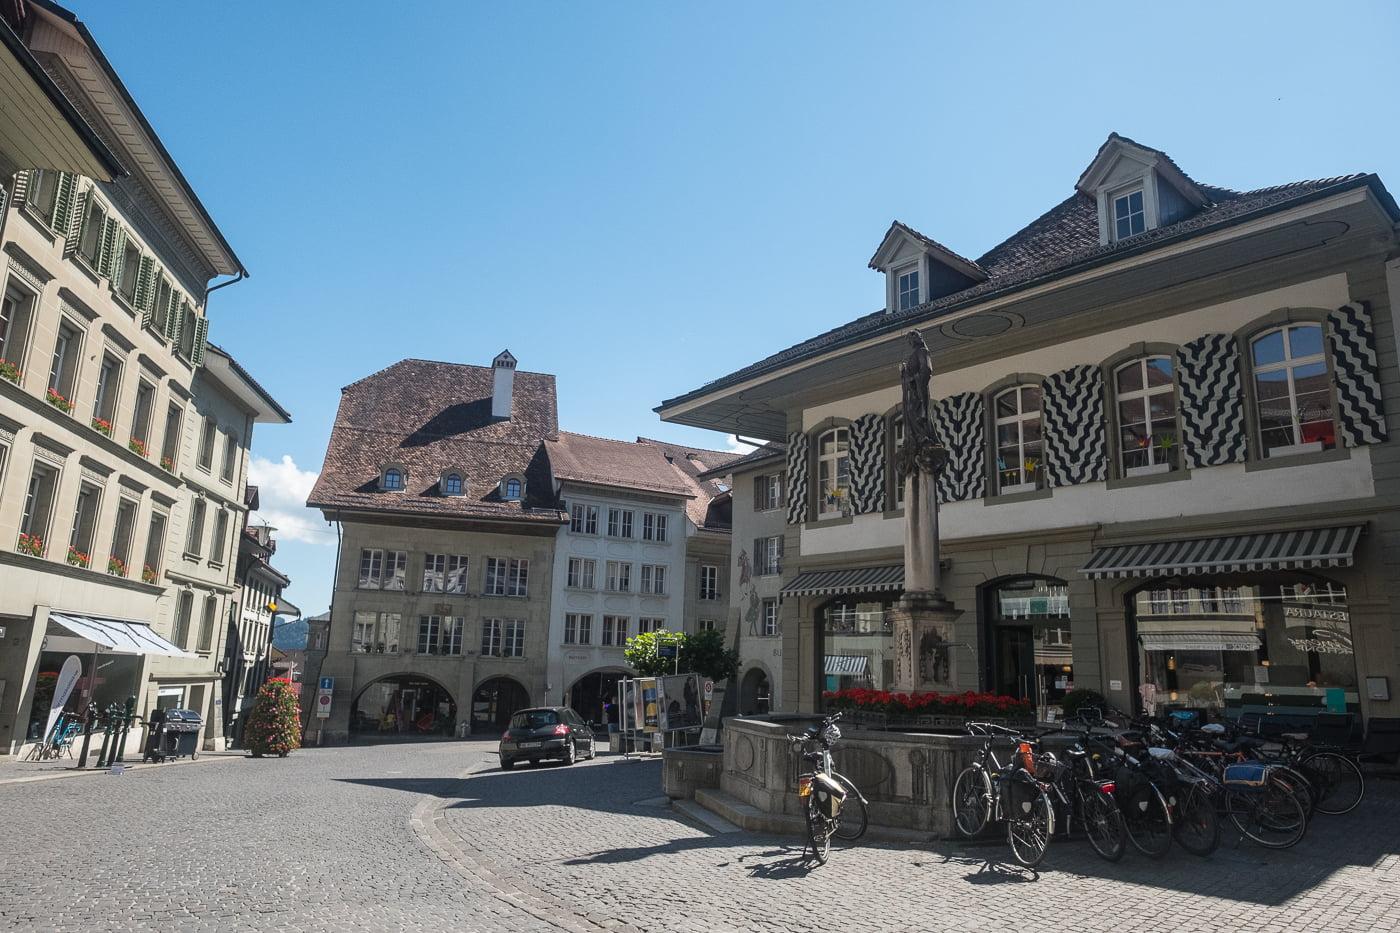 Burgdorf Altstadt